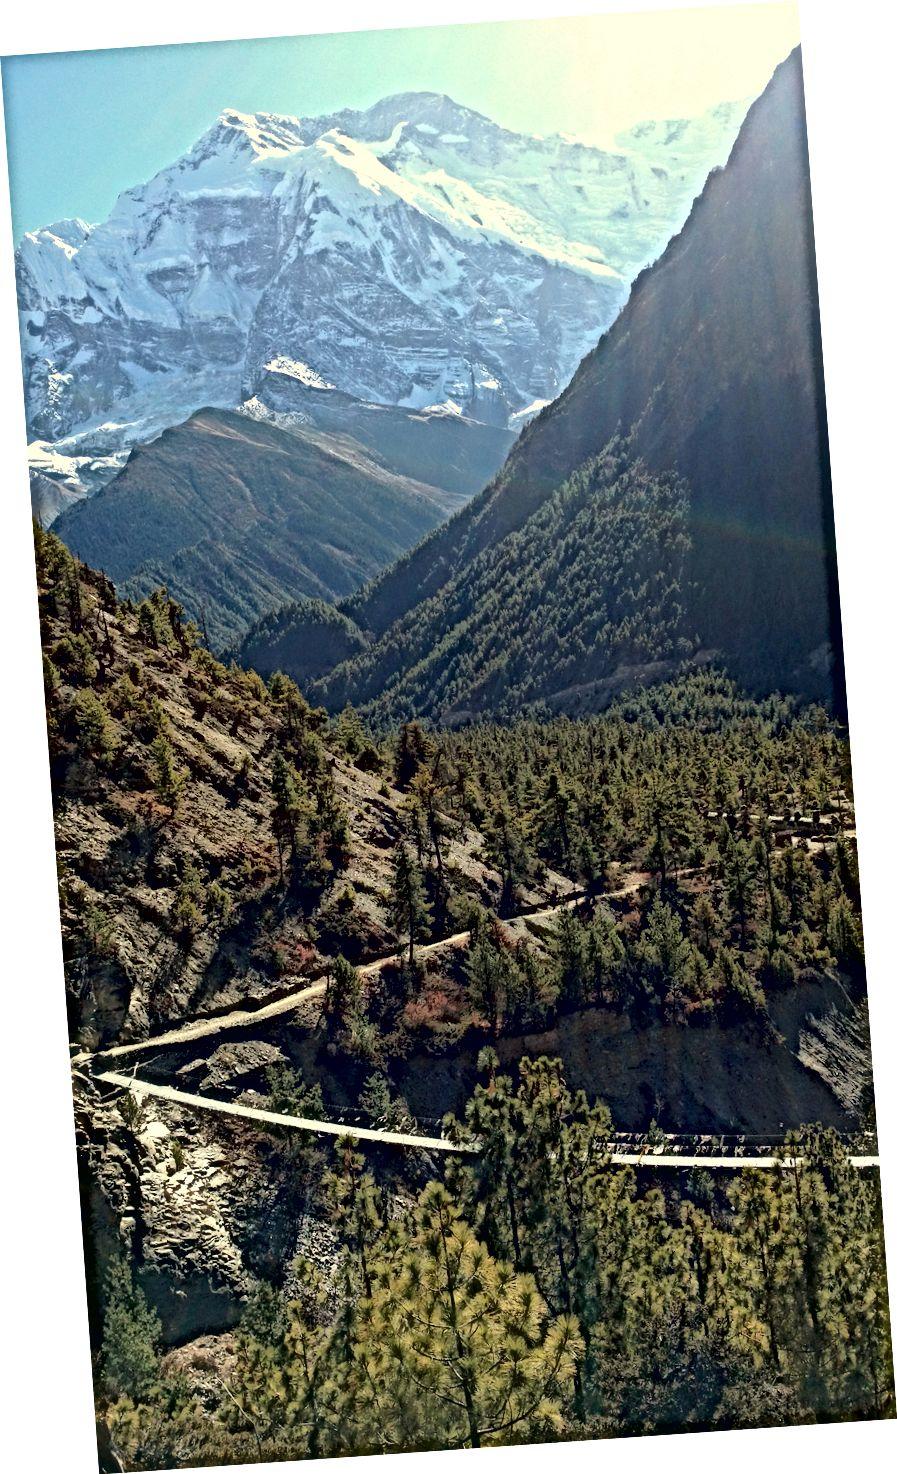 (Kiri) Pisang Bawah seperti yang terlihat dari Pisang Atas | (Kanan) Annapurna II terlihat dari bawah ke atas saat naik ke desa lumpur tinggi Ghyaru